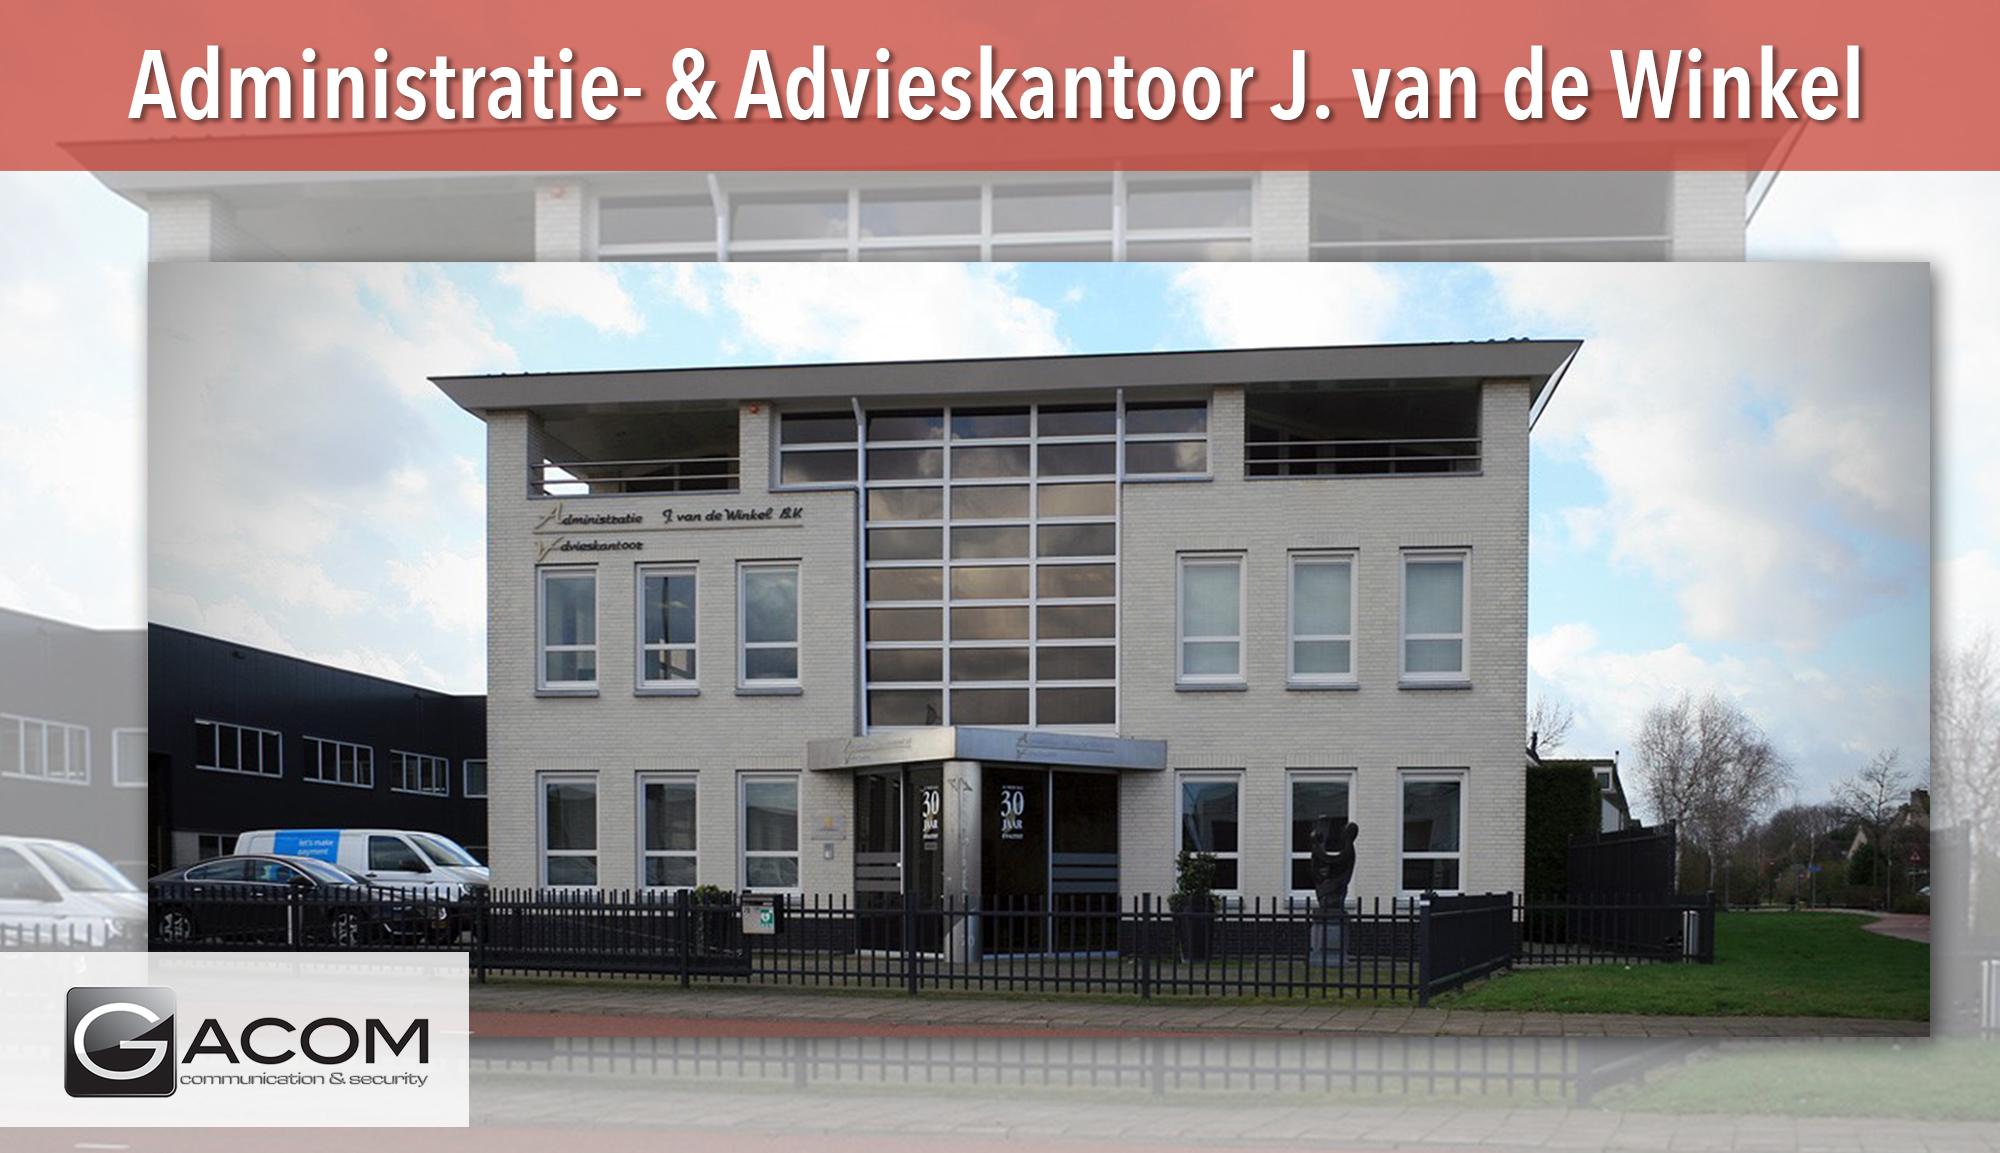 Administratie- en advieskantoor j. van de winkel